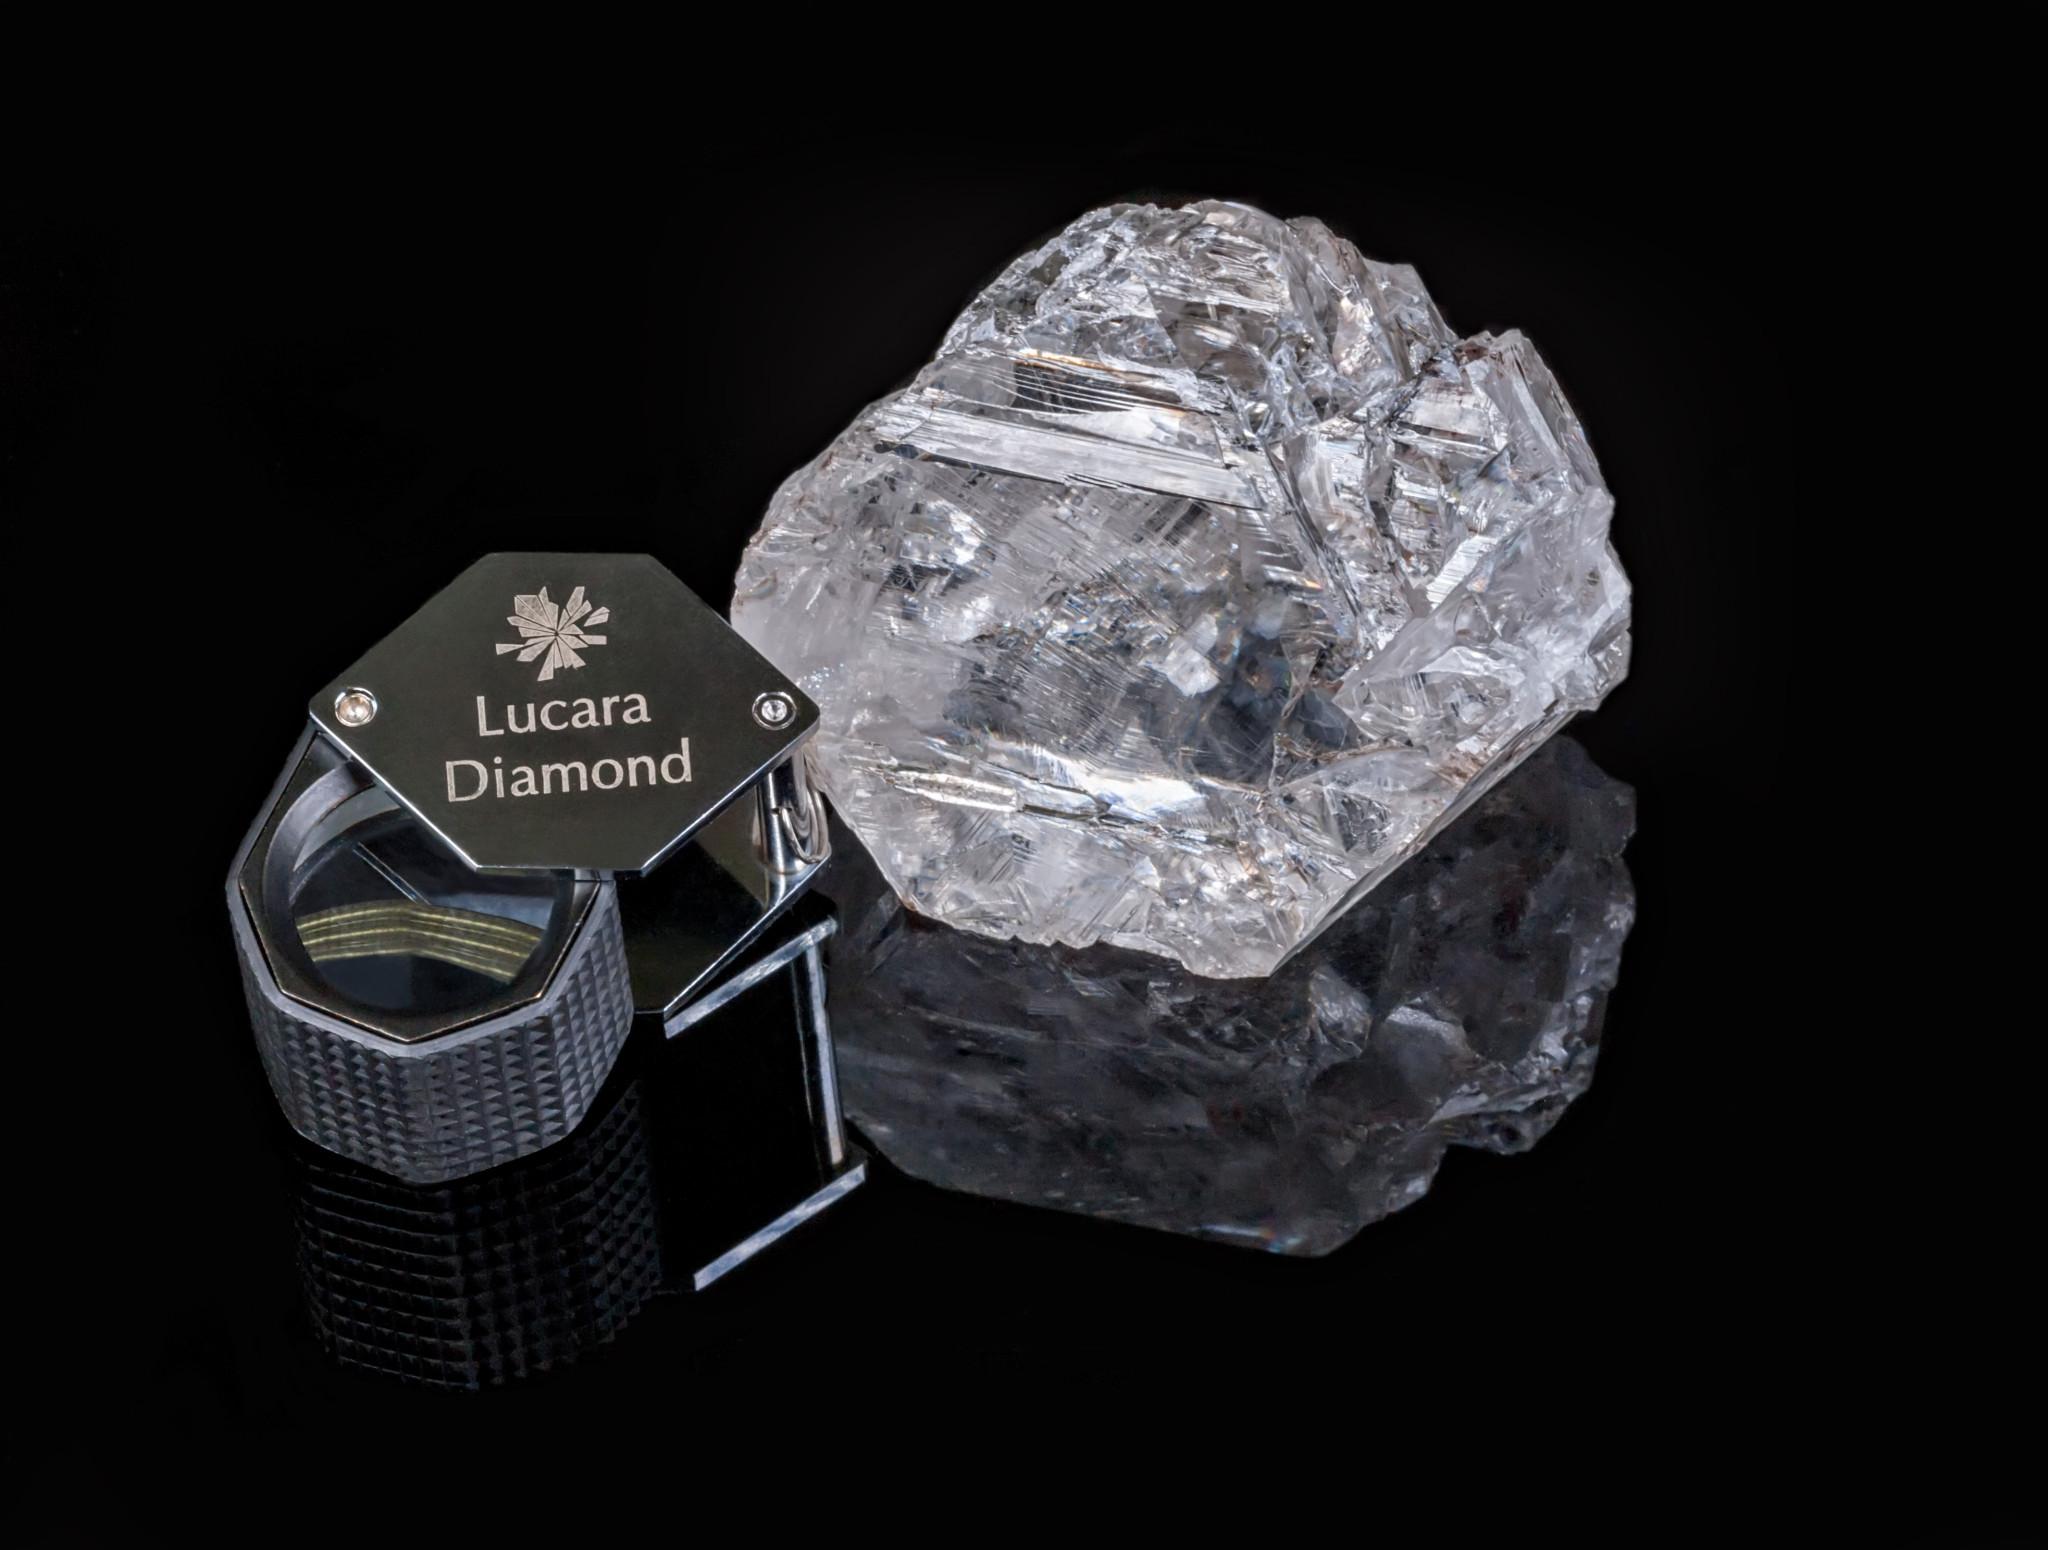 Image: Lucara Diamond Corp